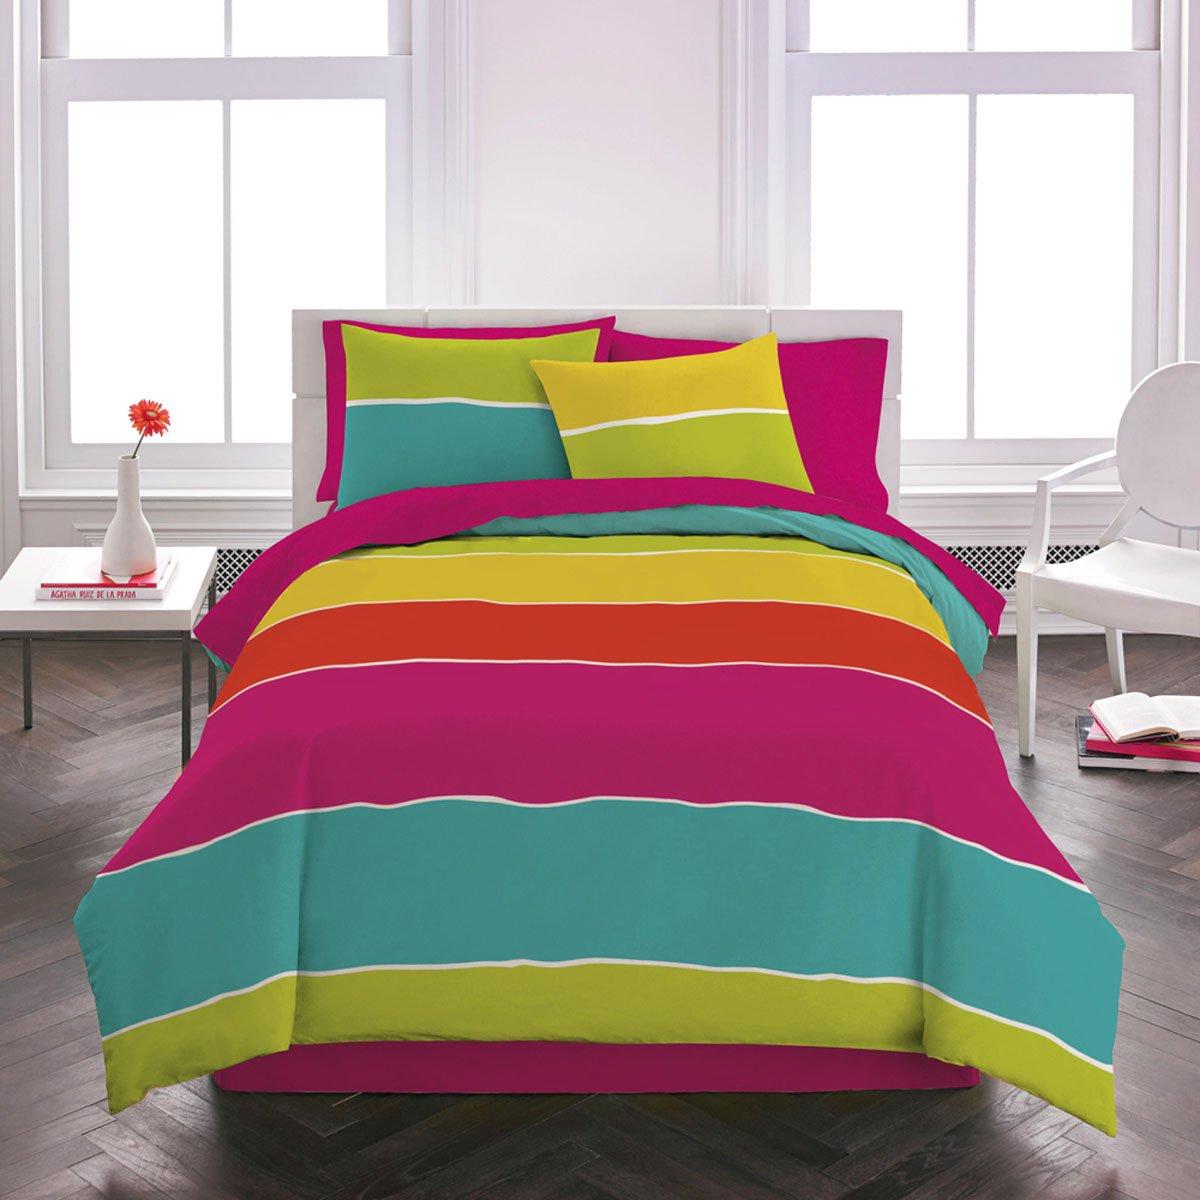 Edredón Colors Agatha Ruiz De La Prada   Individual   SEARS.COM.MX